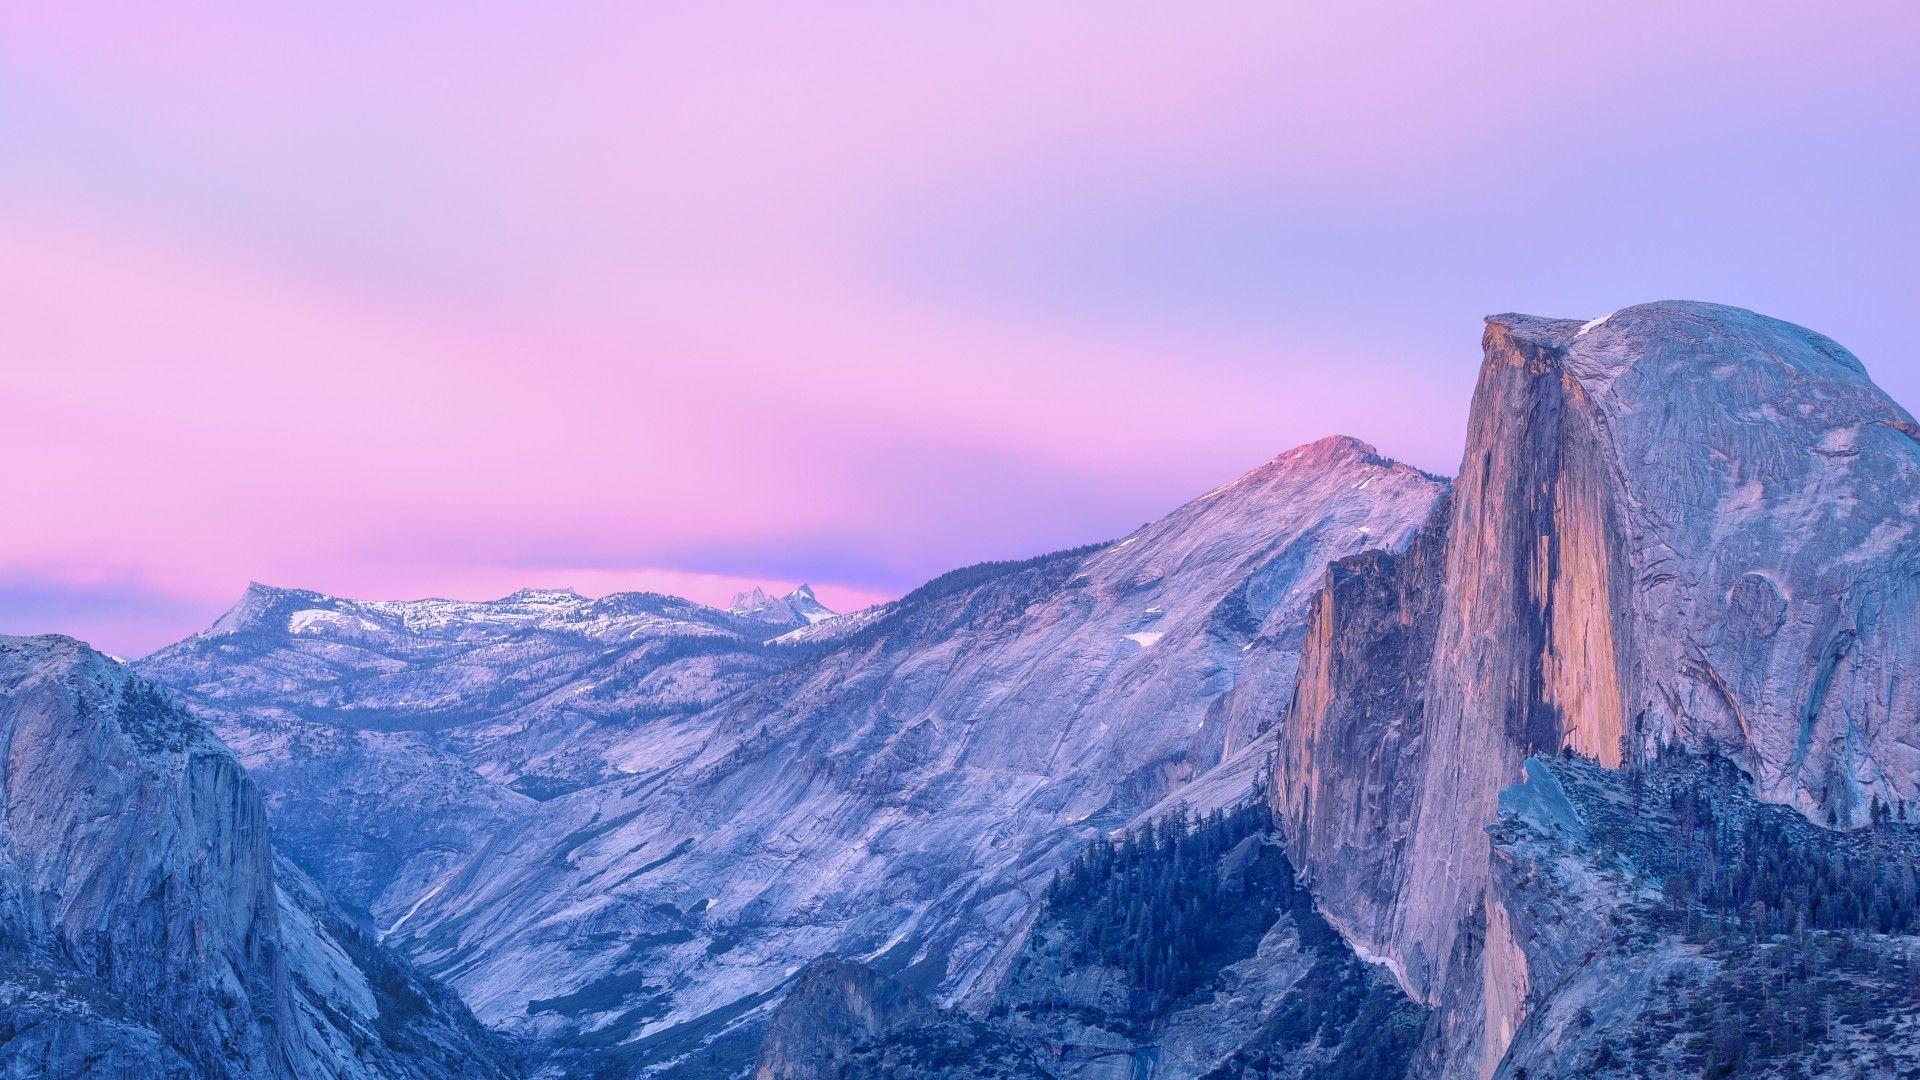 Ipad Wallpaper Aesthetic Horizontal Ipad Wallpaper Aesthetic Pink Clouds Wallpaper Sky Aesthetic Cloud Wallpaper